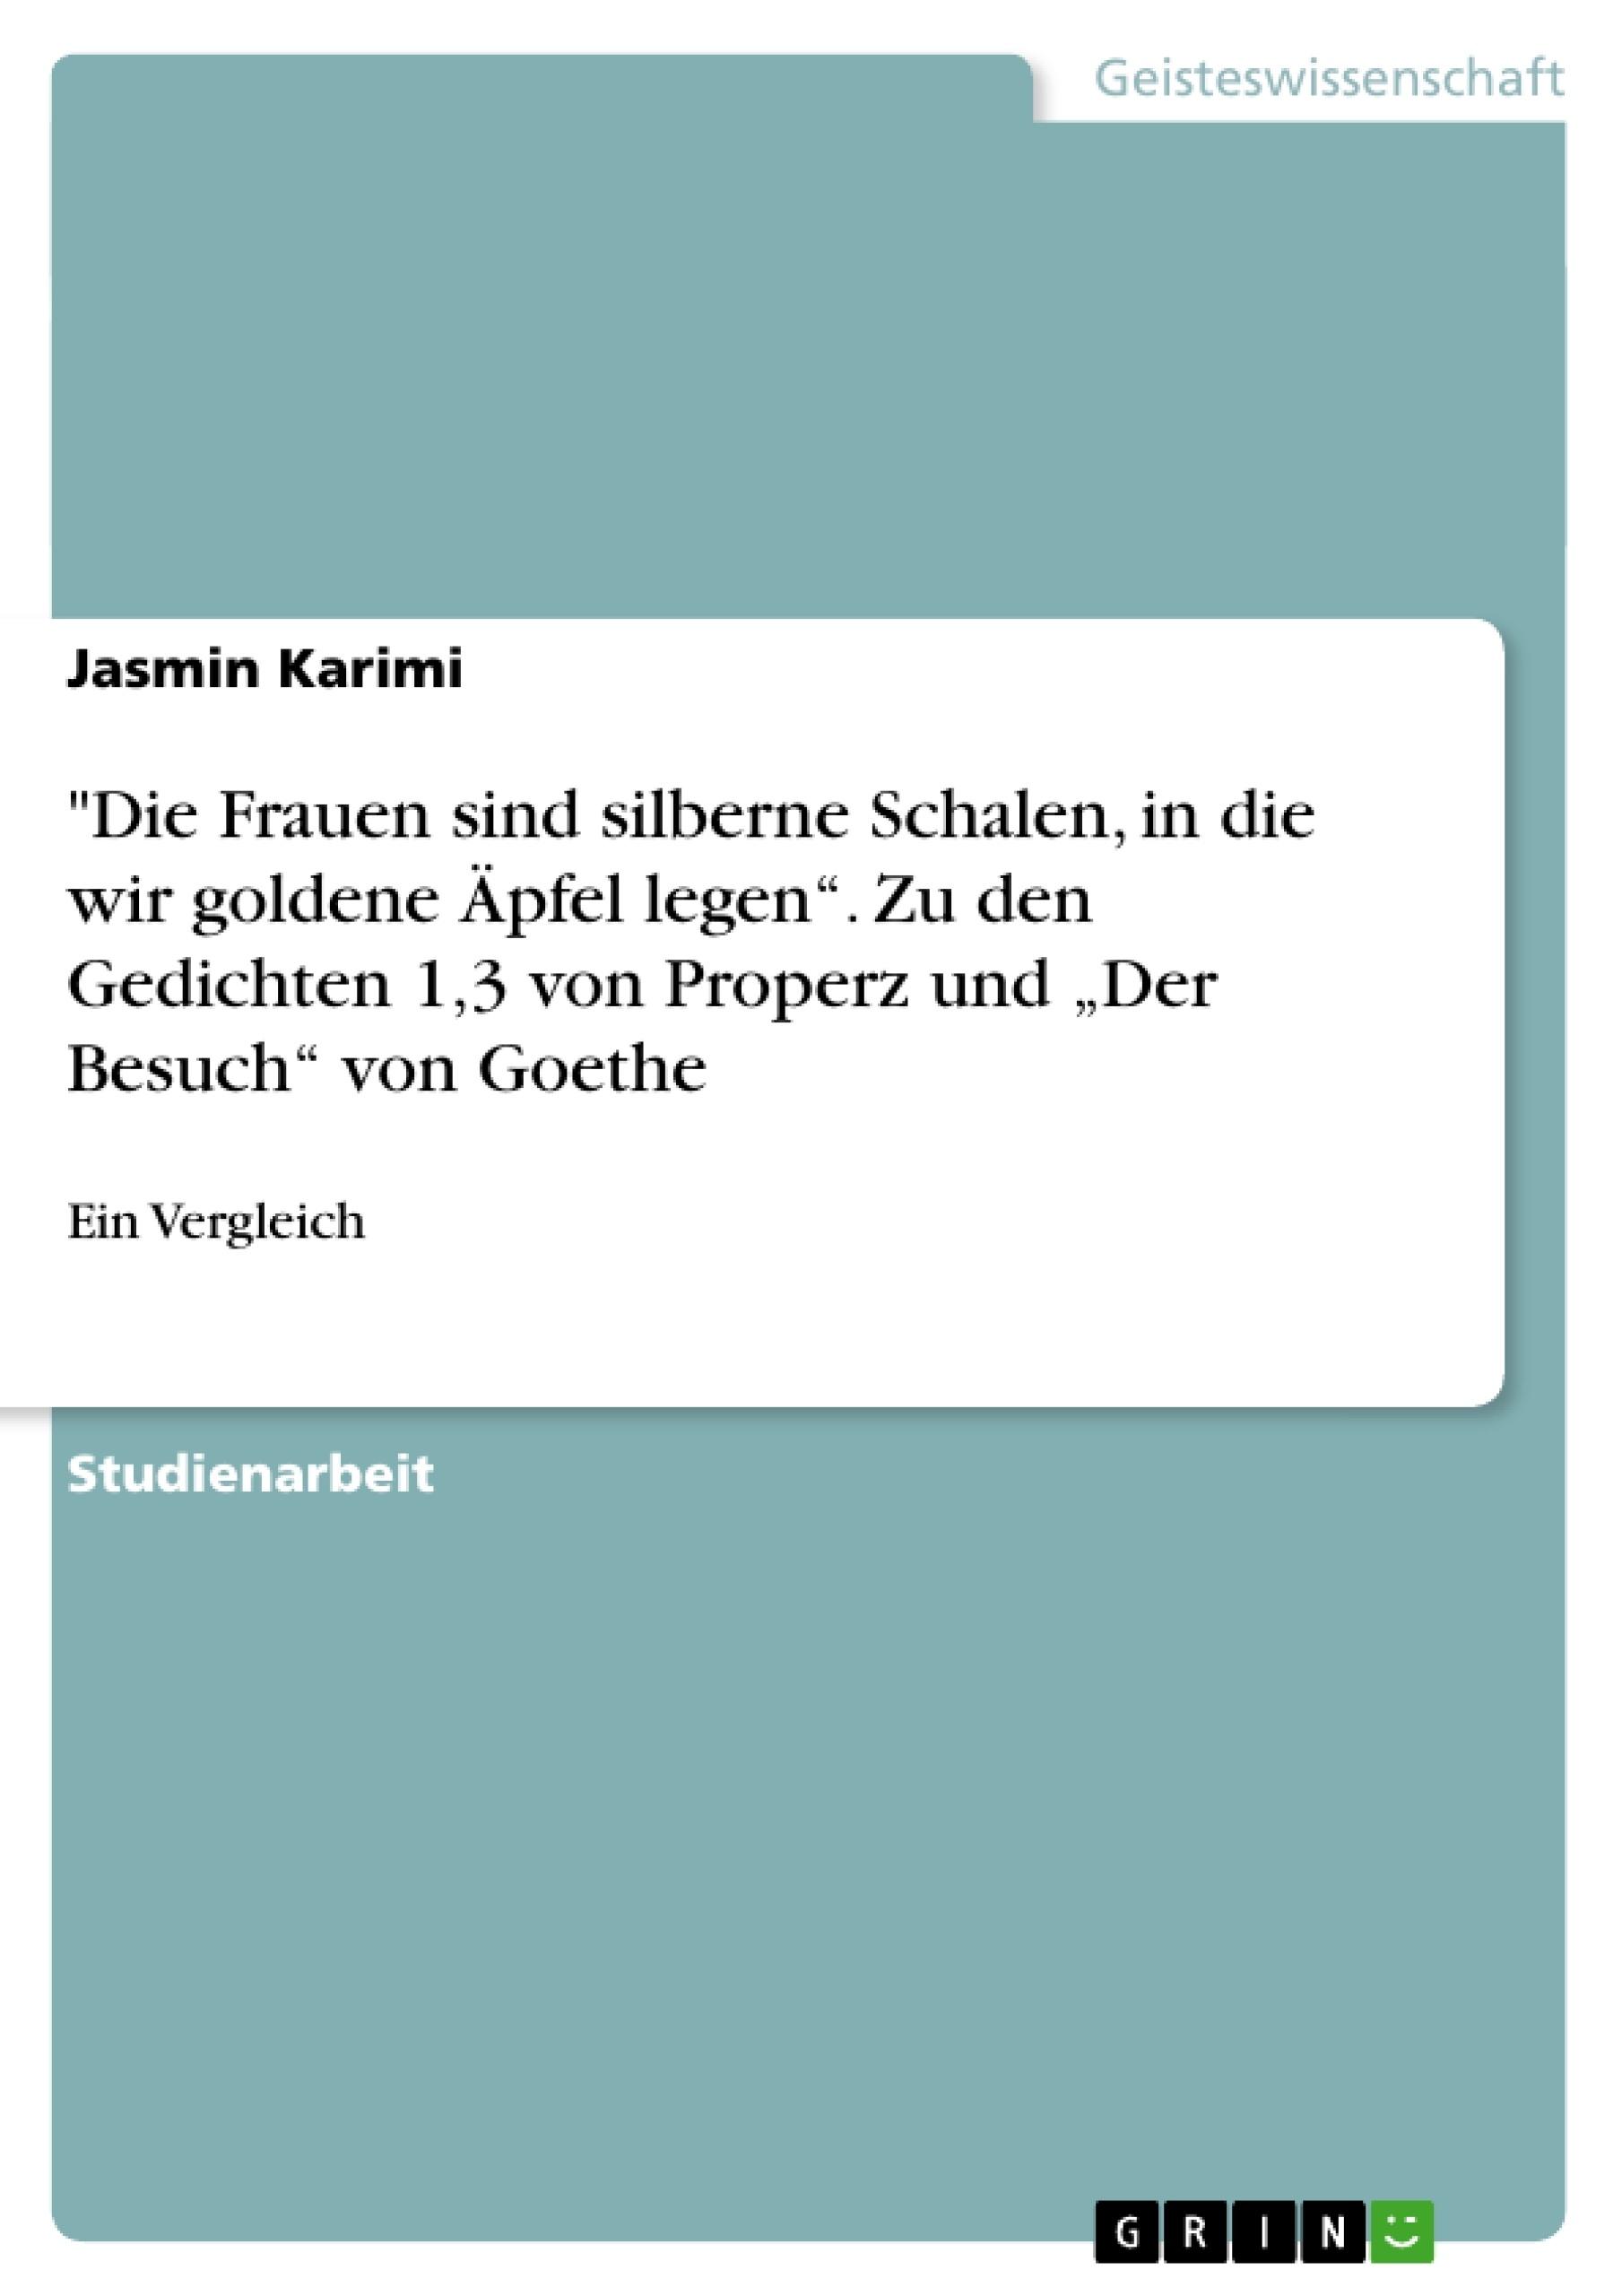 """Titel: """"Die Frauen sind silberne Schalen, in die wir goldene Äpfel legen"""". Zu den Gedichten 1,3 von Properz und """"Der Besuch"""" von Goethe"""